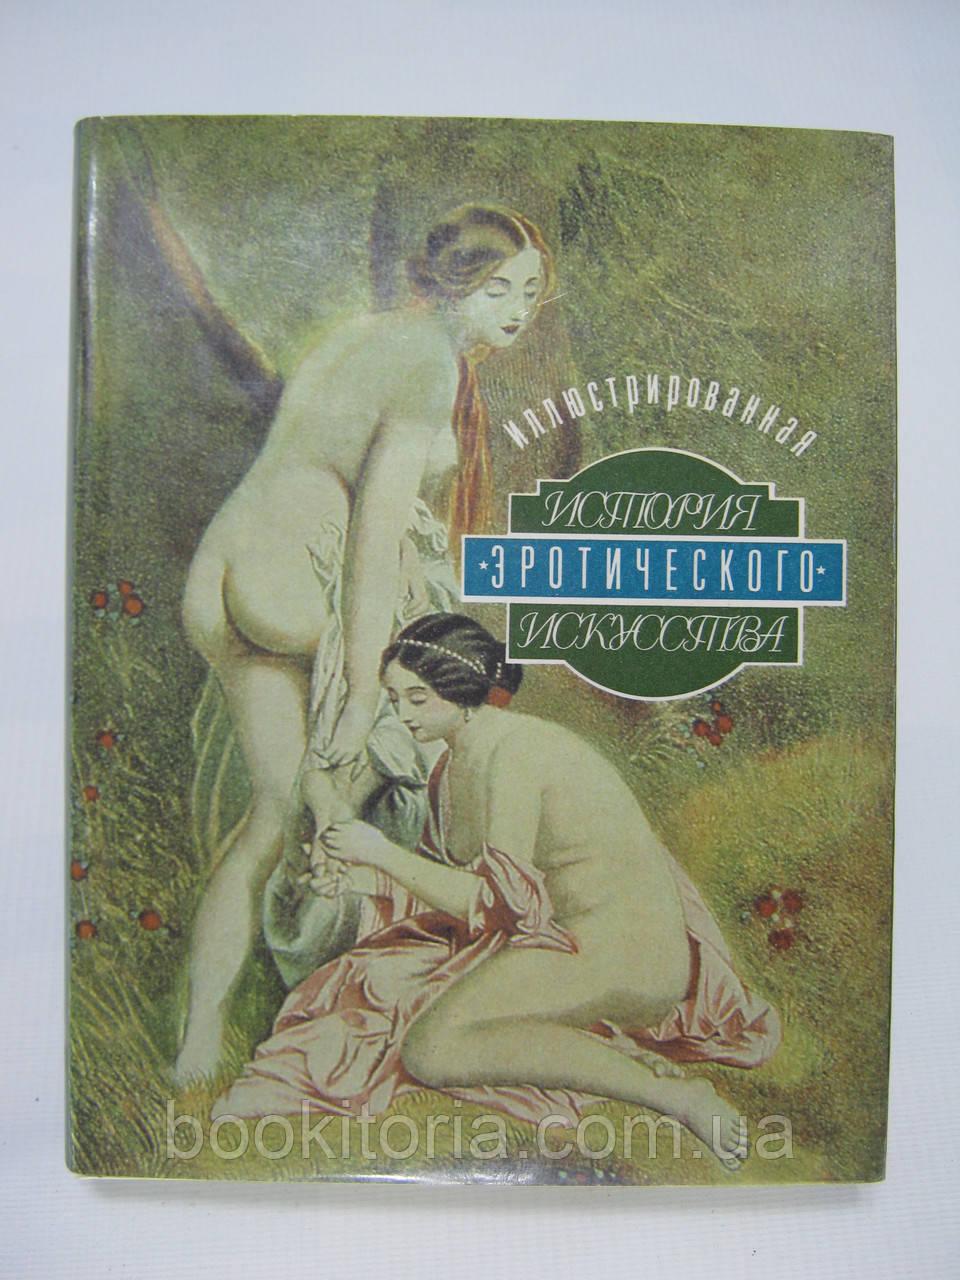 Фукс Э. Иллюстрированная история эротического искусства (б/у).